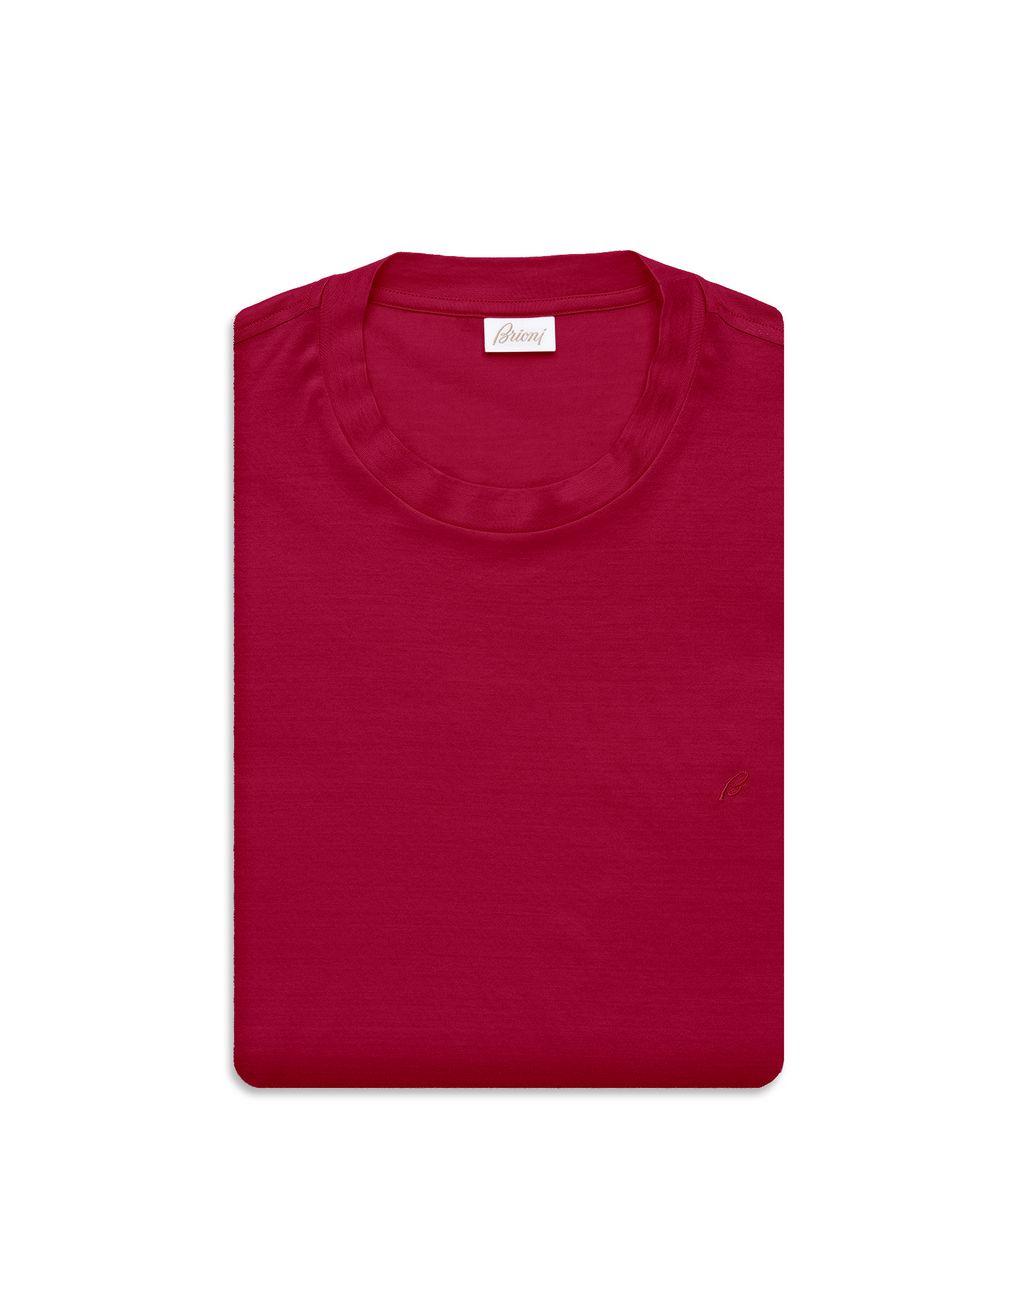 BRIONI Bordeaux Logoed T-Shirt T-Shirts & Polos Man e